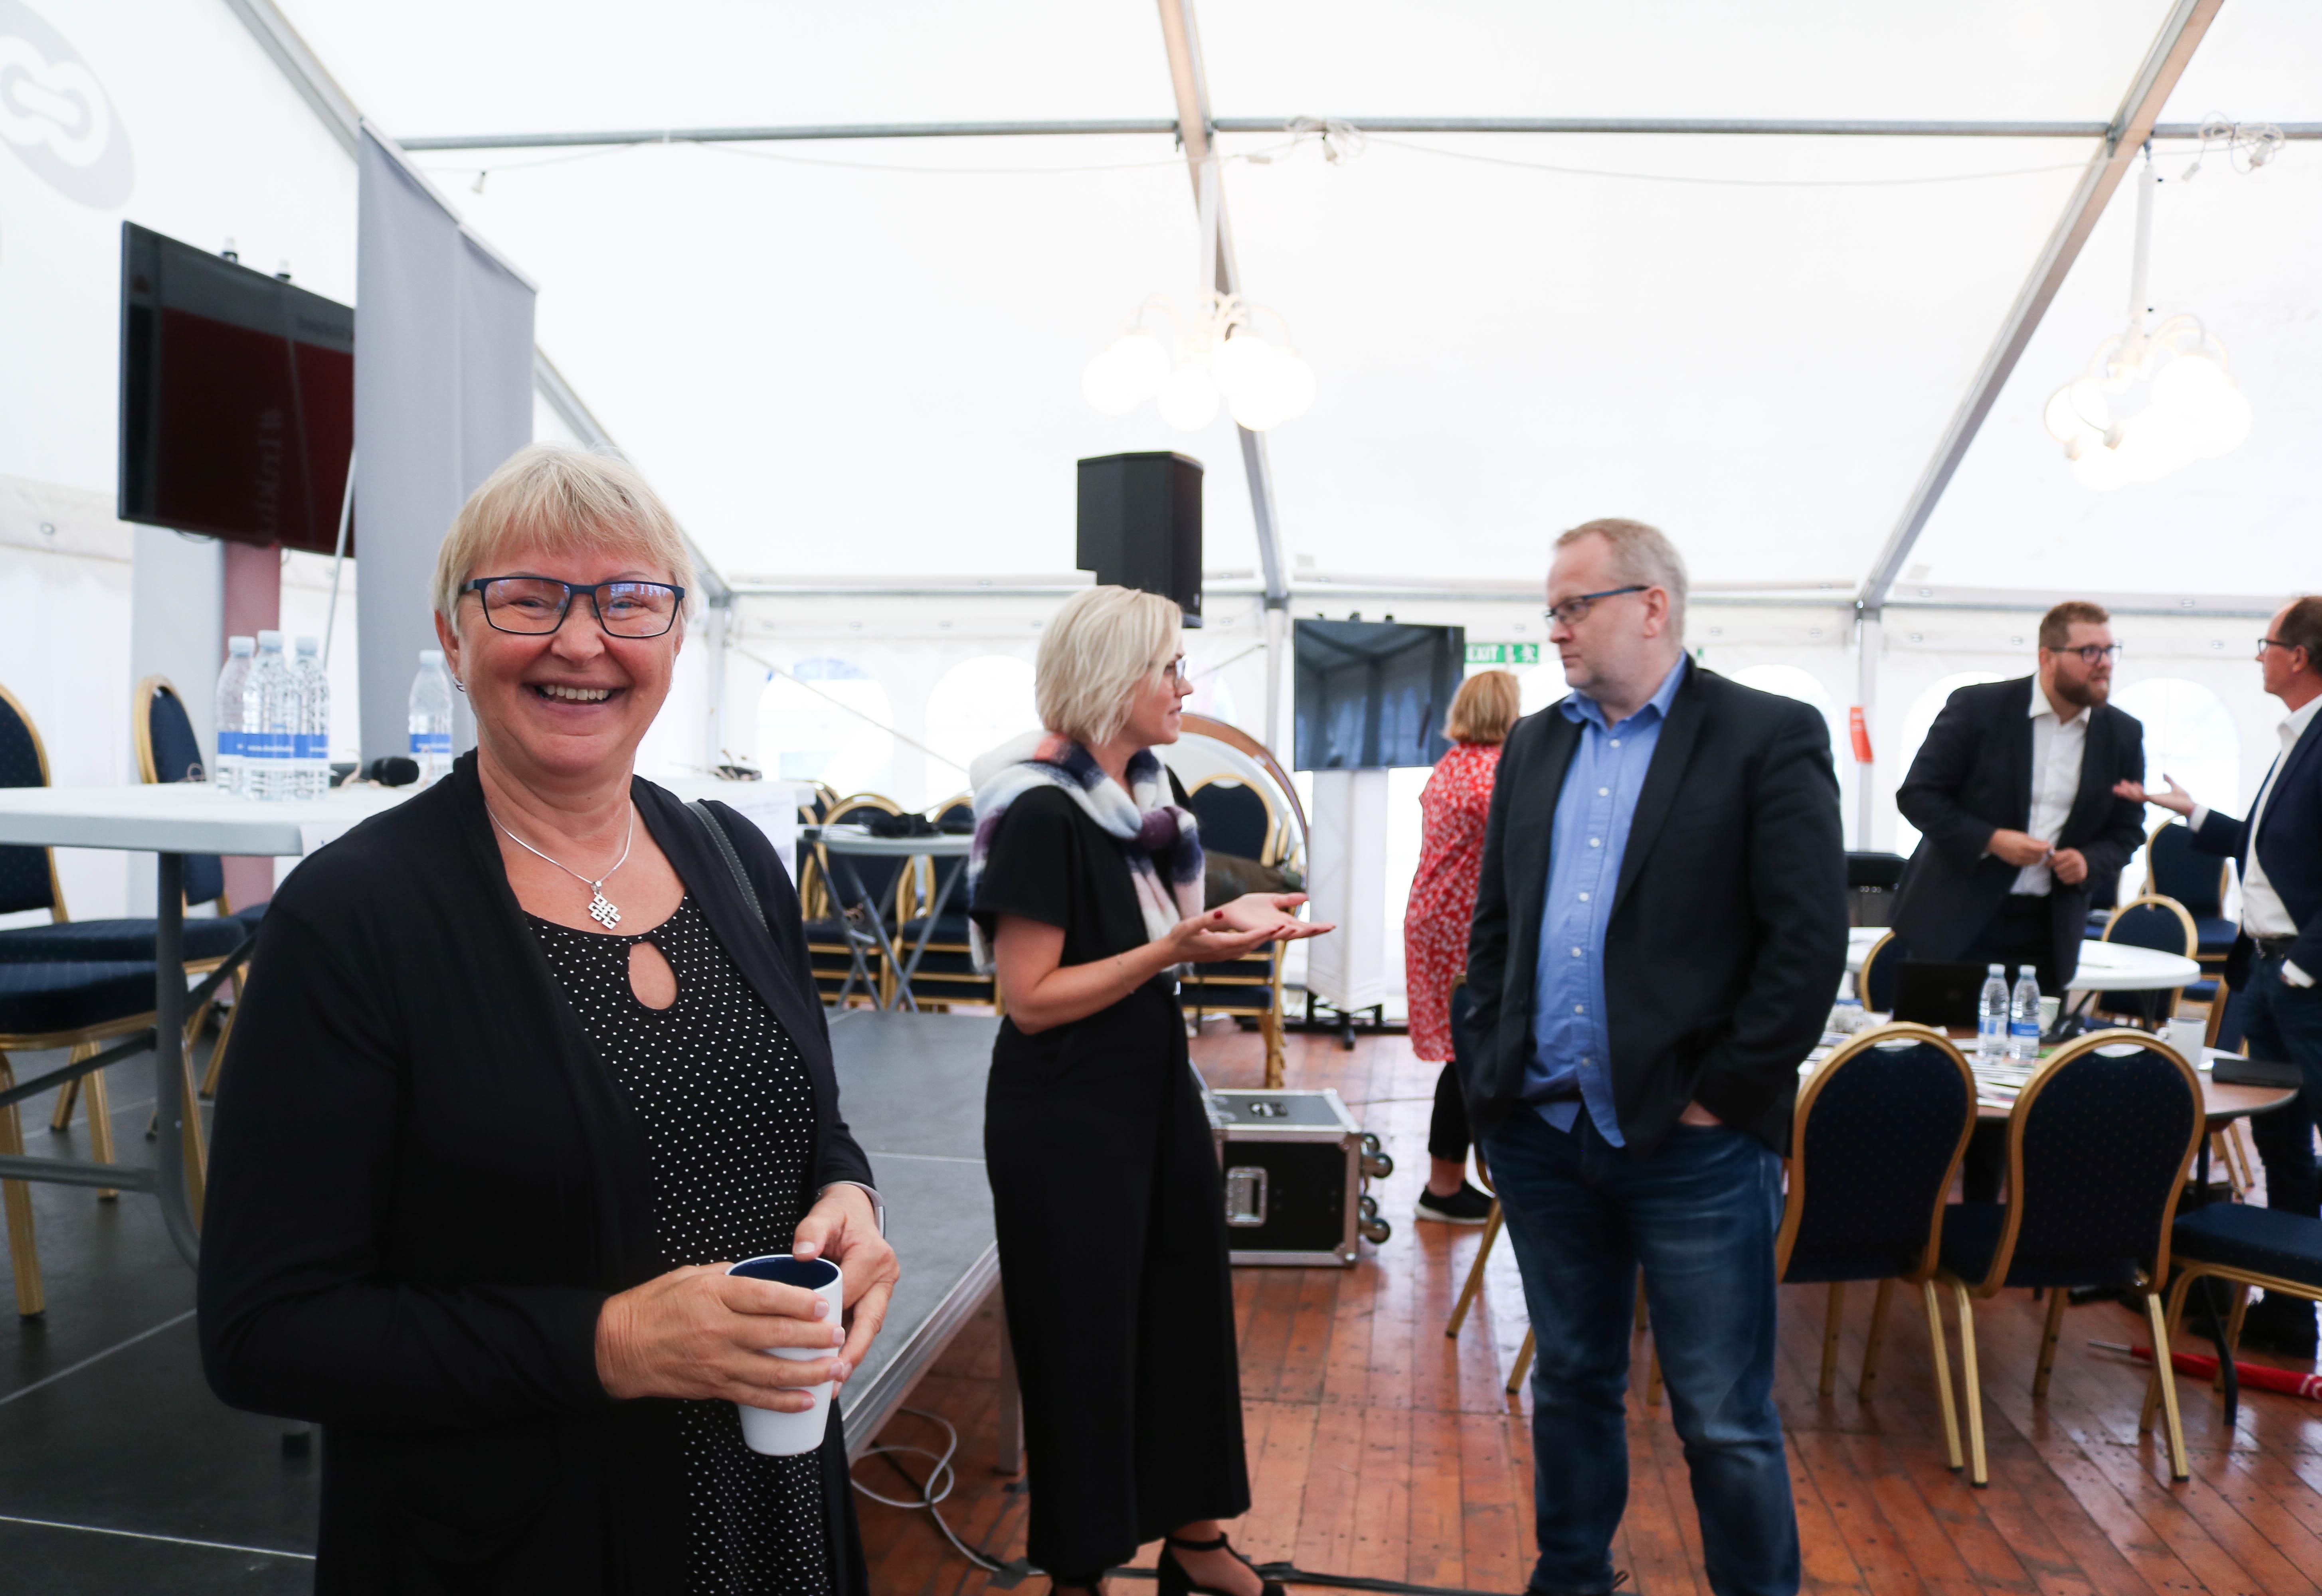 Flere personer står og prater med hverandre i en teltscene. Kvinne nærmest til venstre, har grått hår og kledd i svar. Hun ser i kamera og smiler.